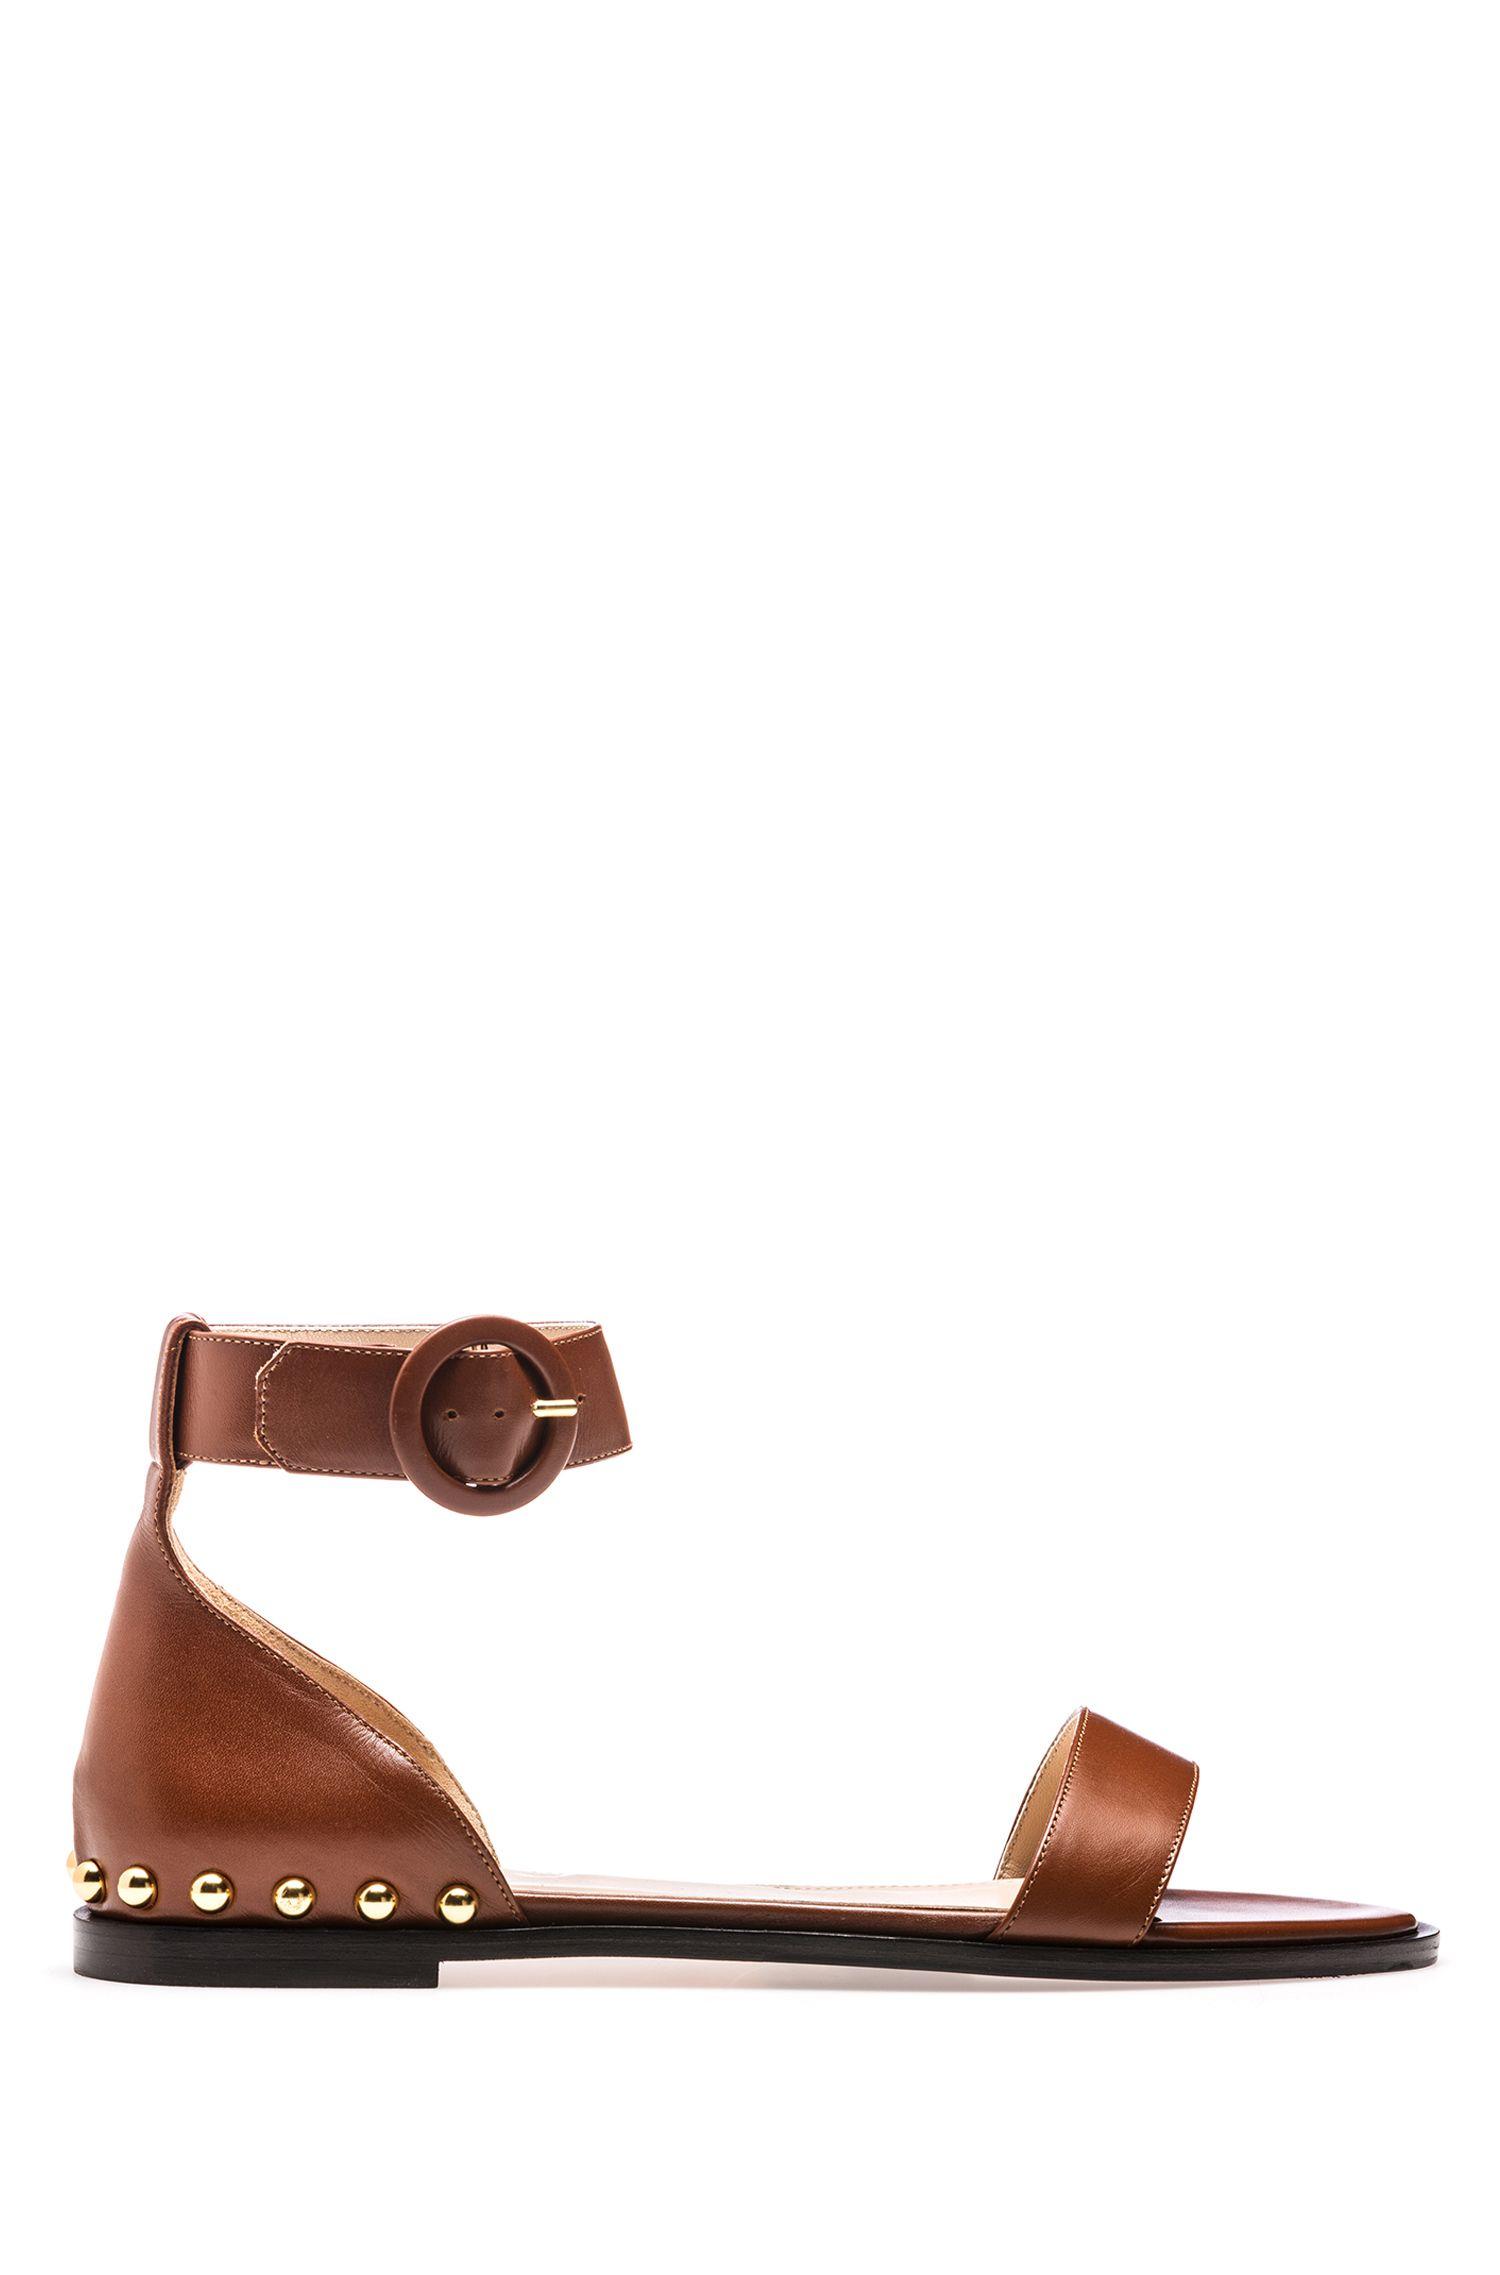 Sandalias en piel de becerro con tachuelas metalizadas